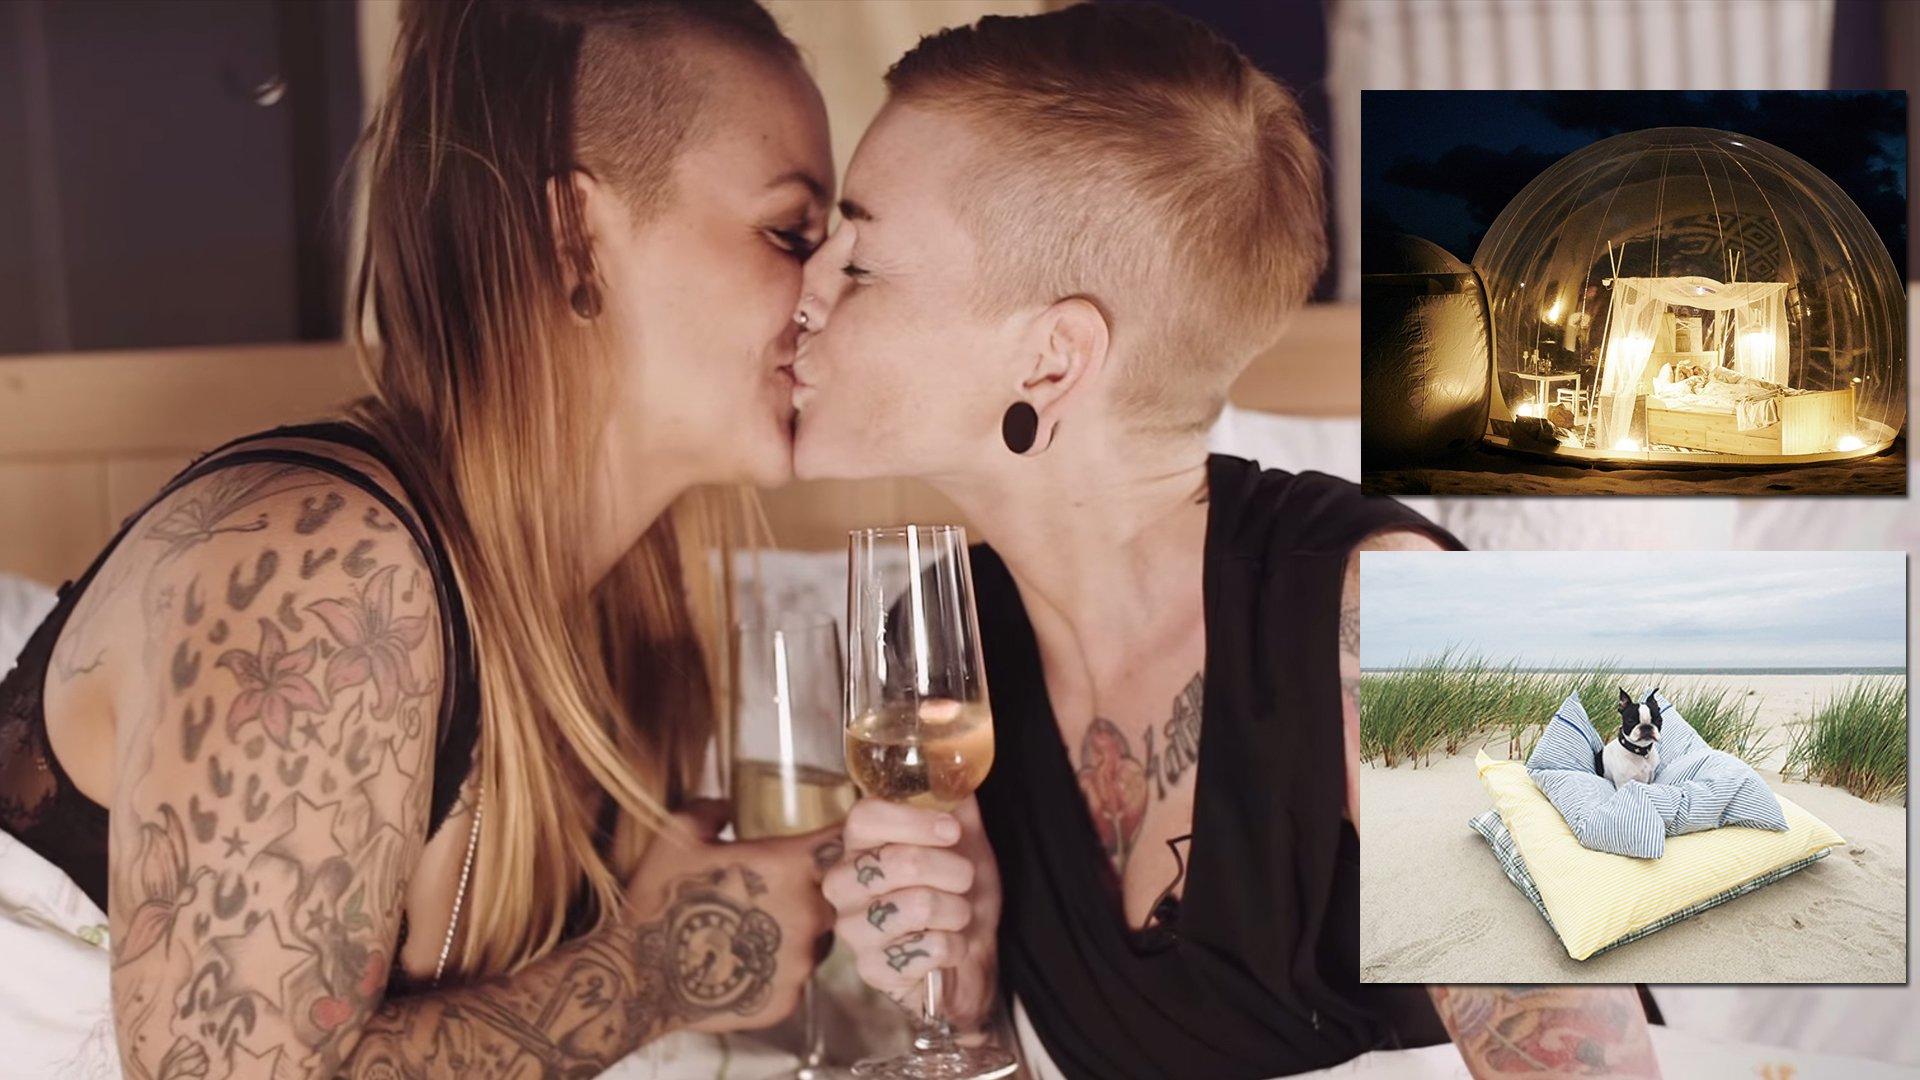 rini et maria une demande en mariage tr s romantique jeanne magazine magazine boutique. Black Bedroom Furniture Sets. Home Design Ideas